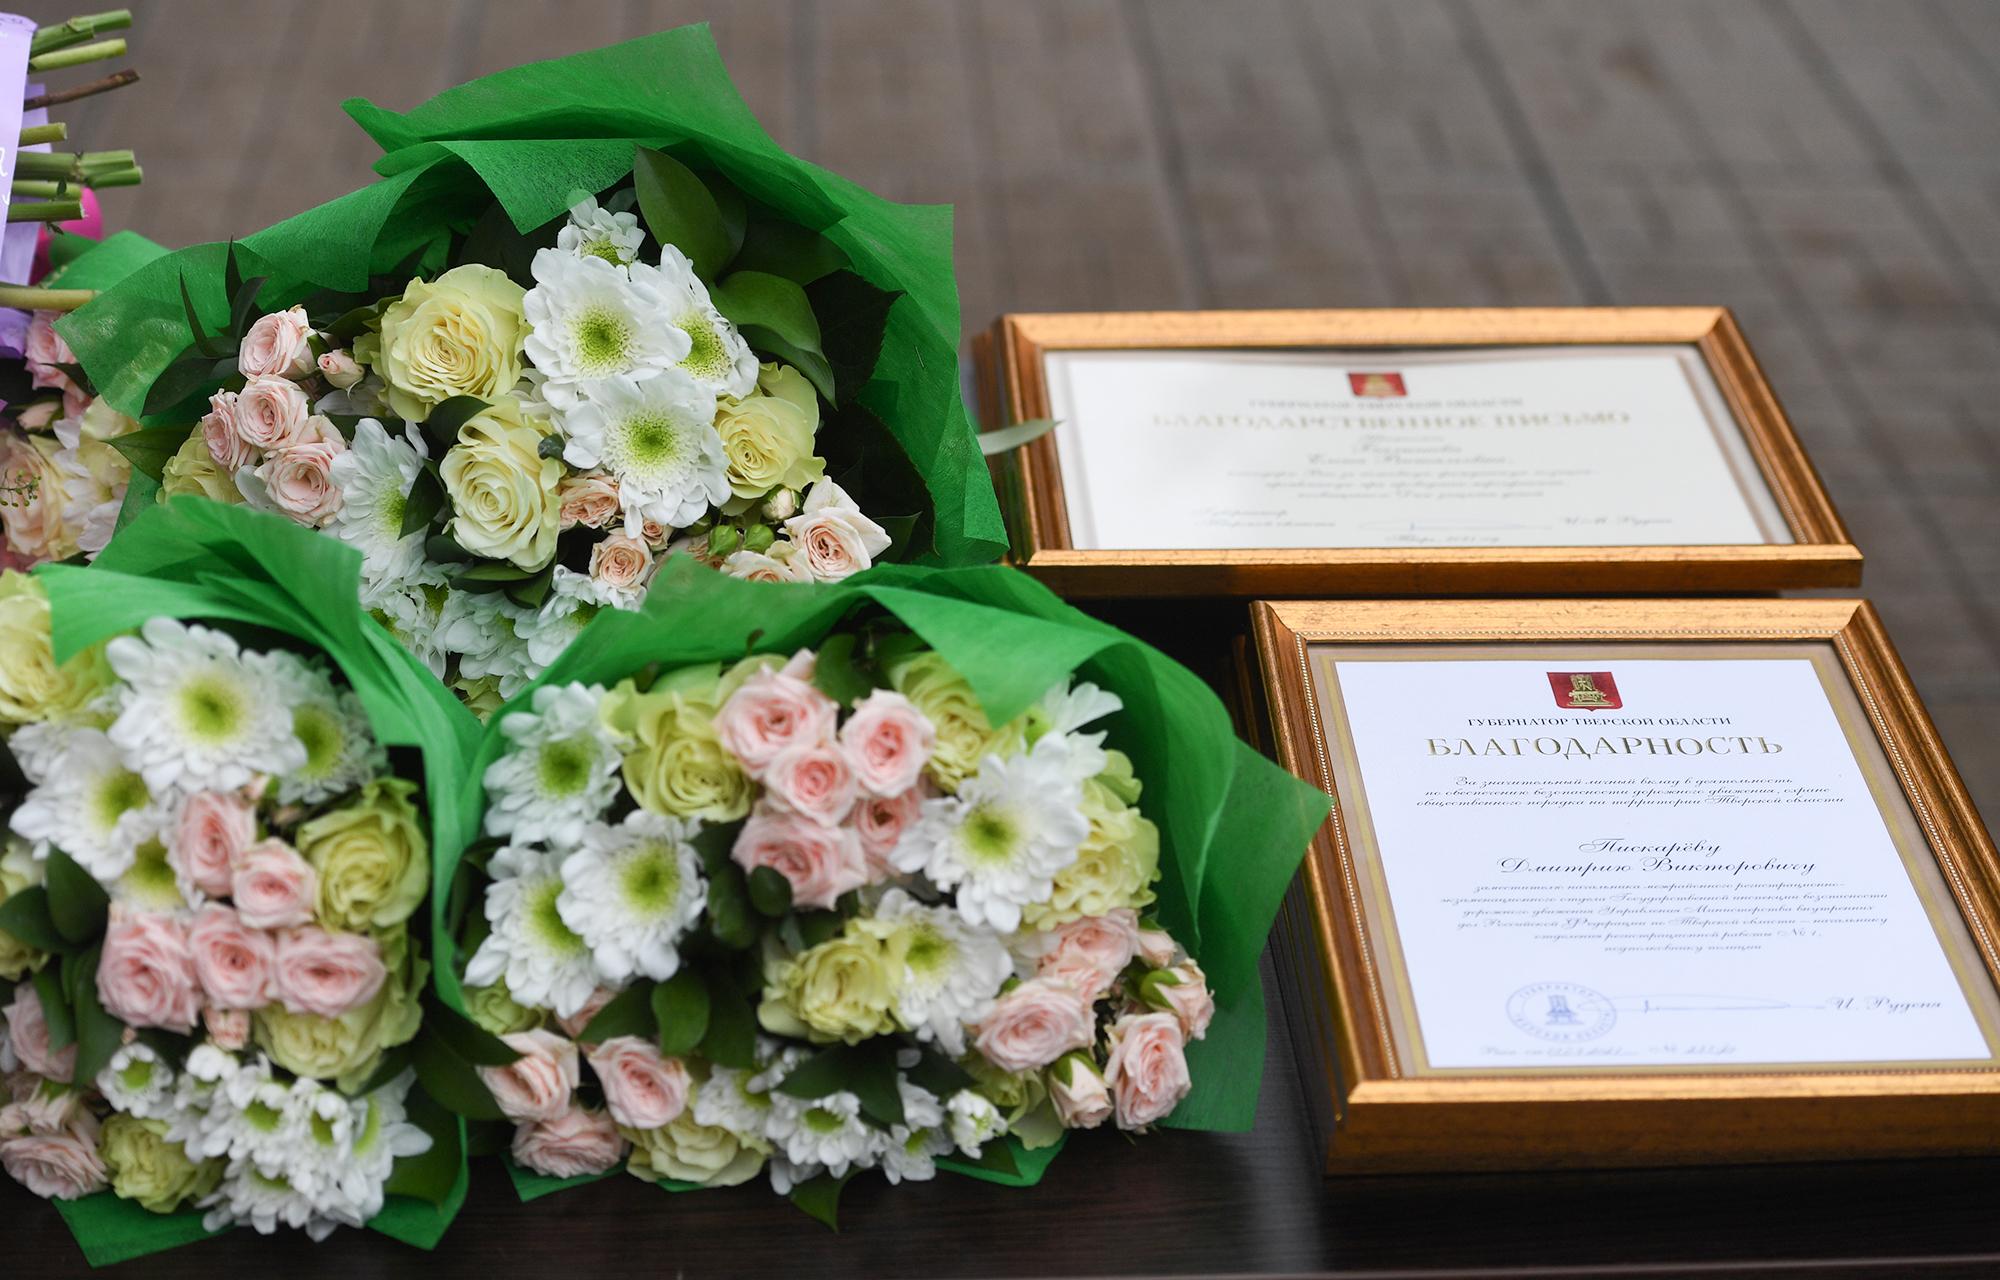 Игорь Руденя и Владимир Васильев приняли участие в торжественном мероприятии в честь 85-летия создания ГИБДД